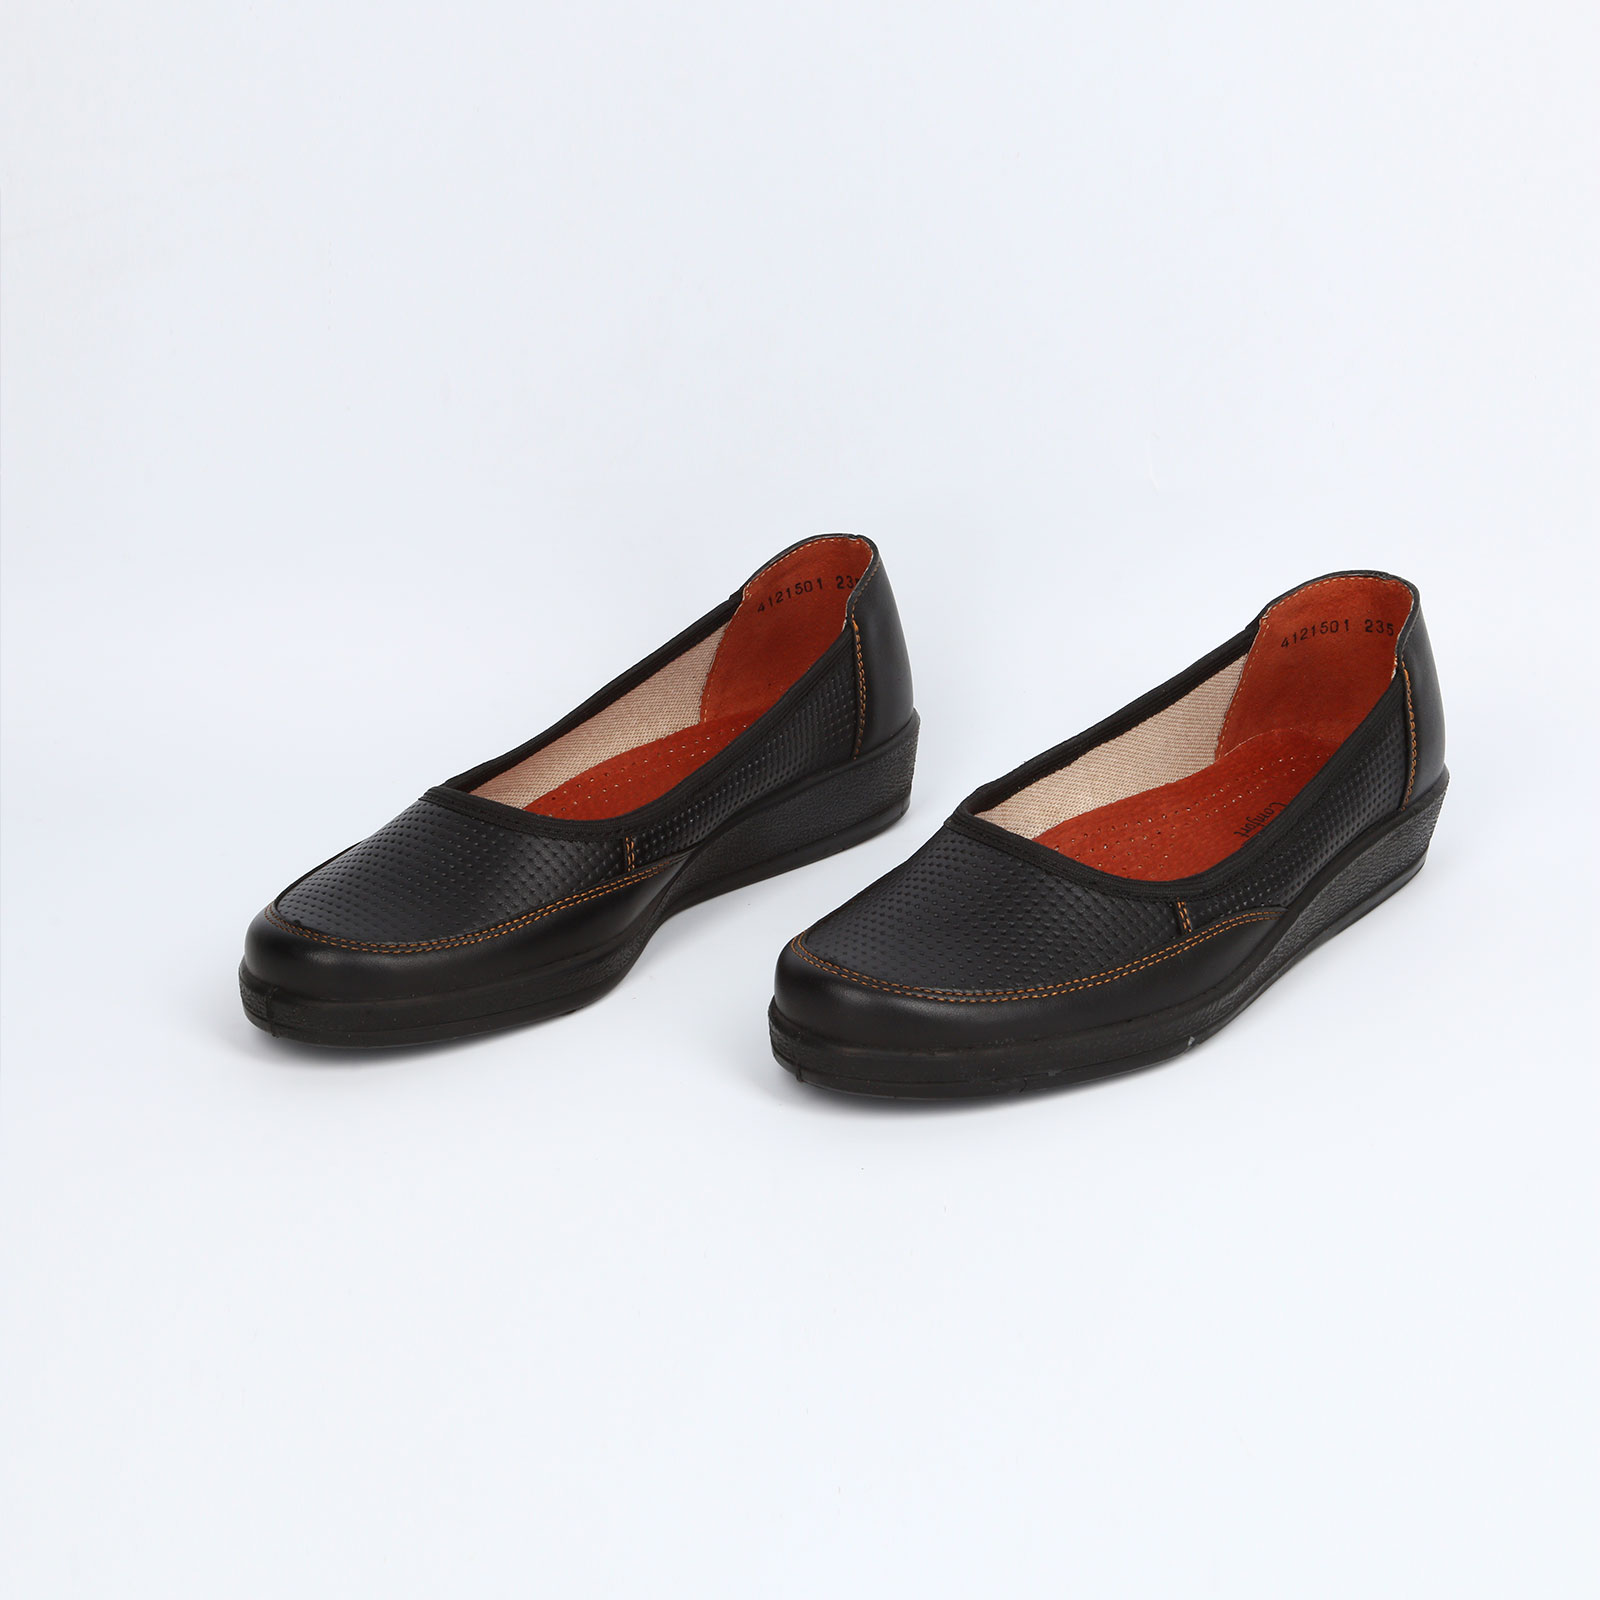 Туфли женские на танкетке с перфорацией